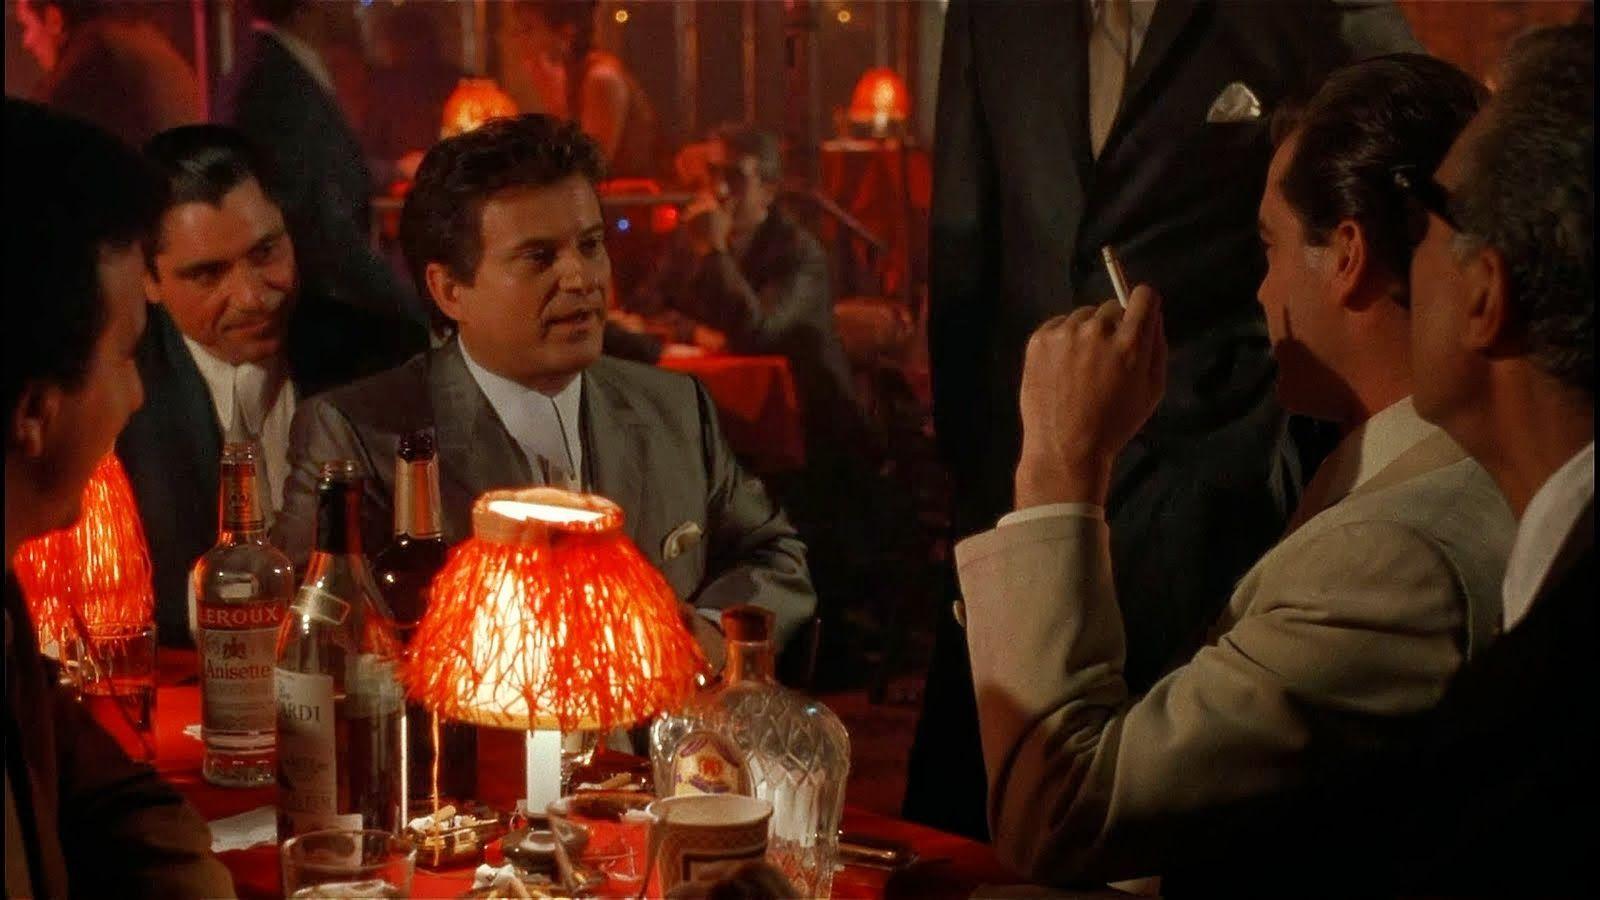 Joe Pesci Is A Crazy Man Uno De Los Nuestros Goodfellas Unodelosnuestros Goodfellas Thegoodfellas Robertd Goodfellas Movie Scenes Joe Pesci Goodfellas